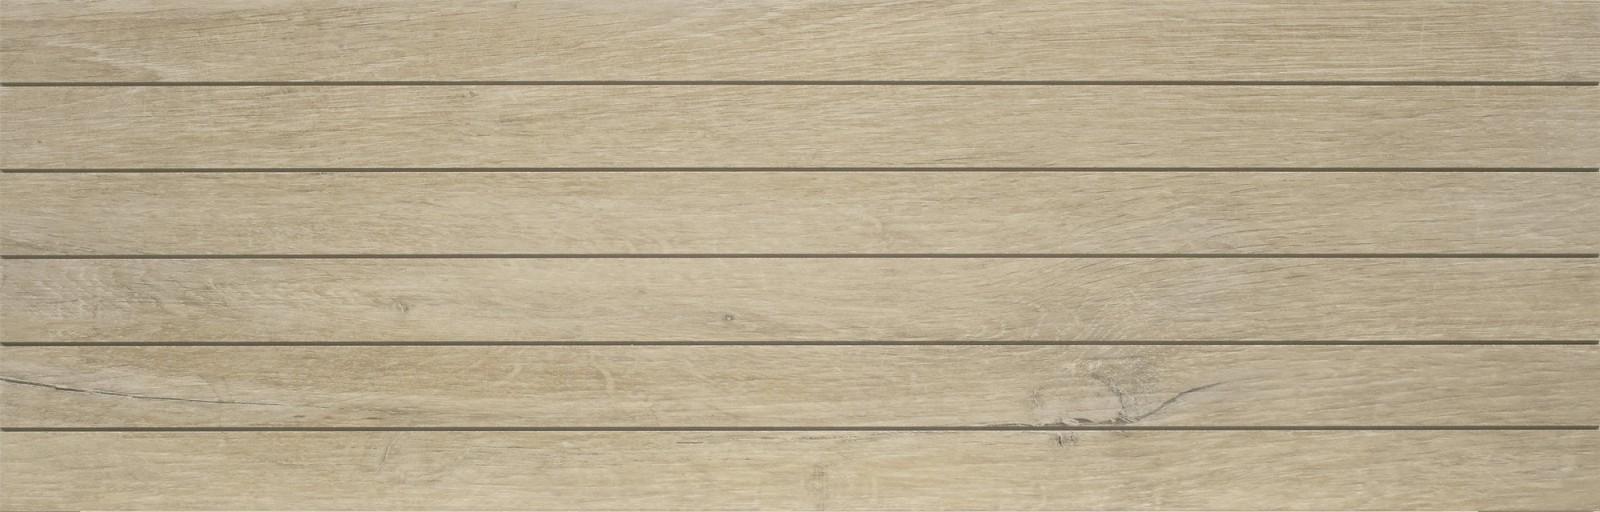 Керамическая Плитка Peronda D.lenk taupe stripes as/24x75/c